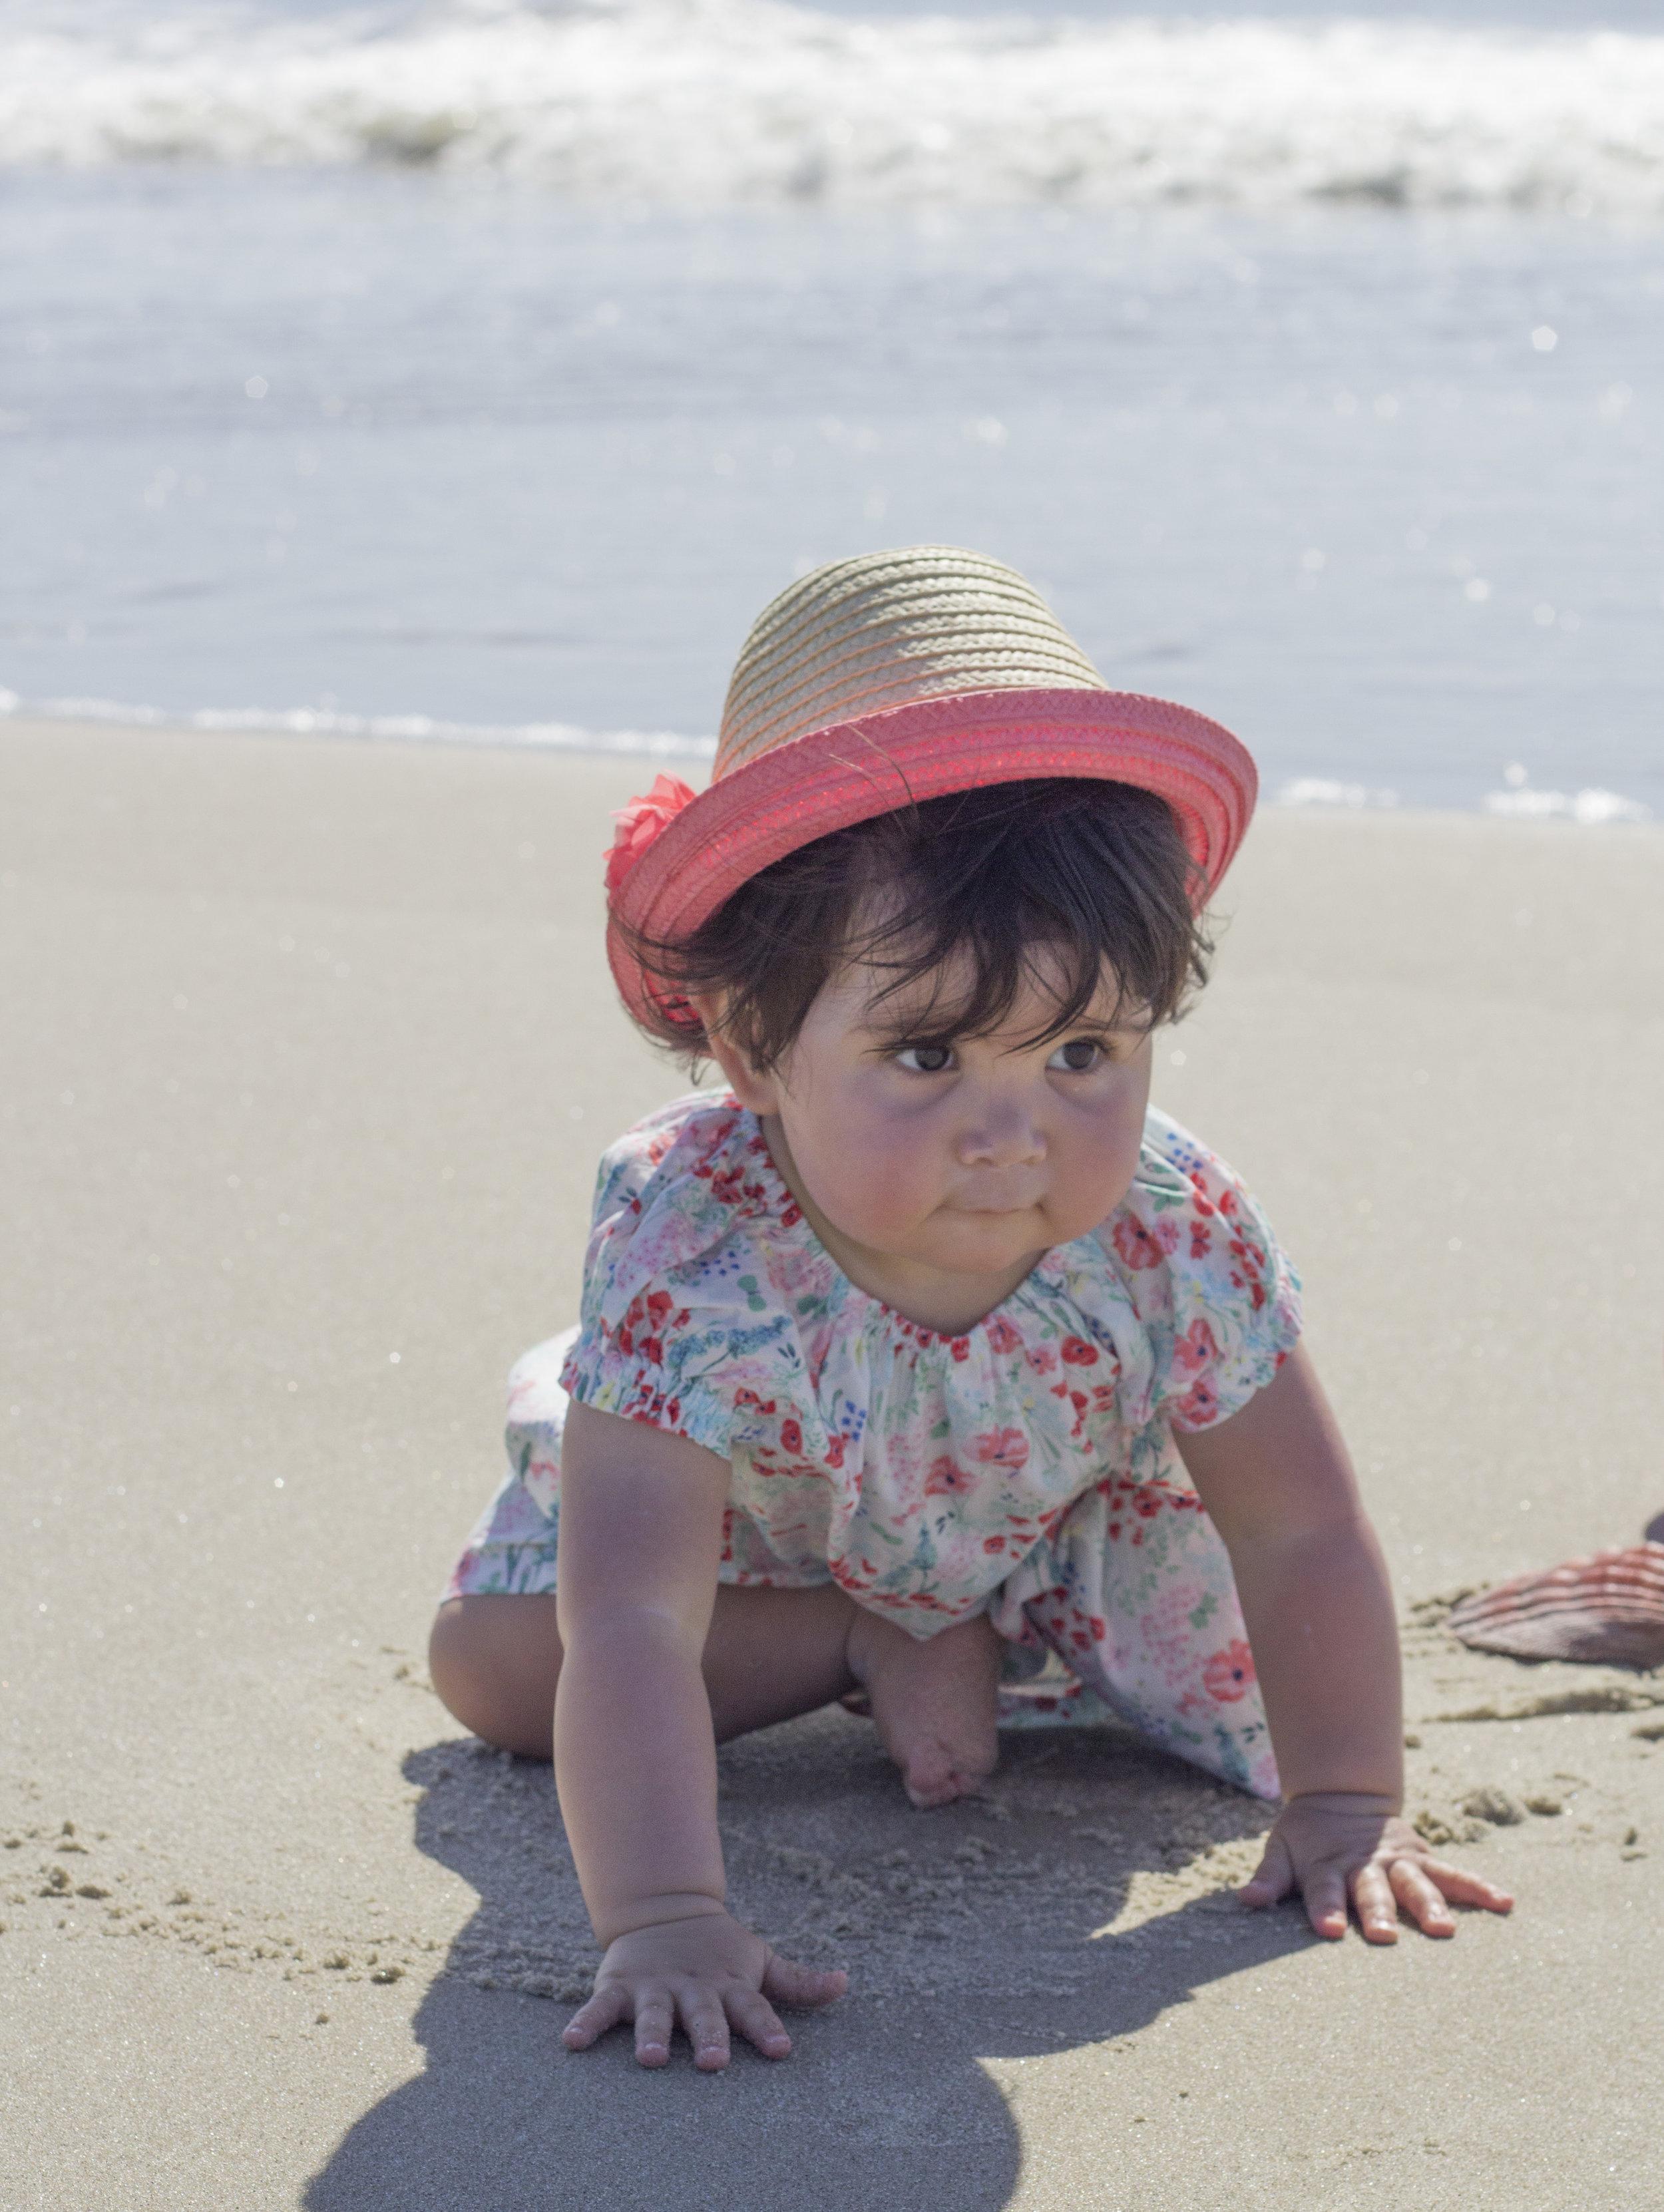 Baby Beach Photography Ideas